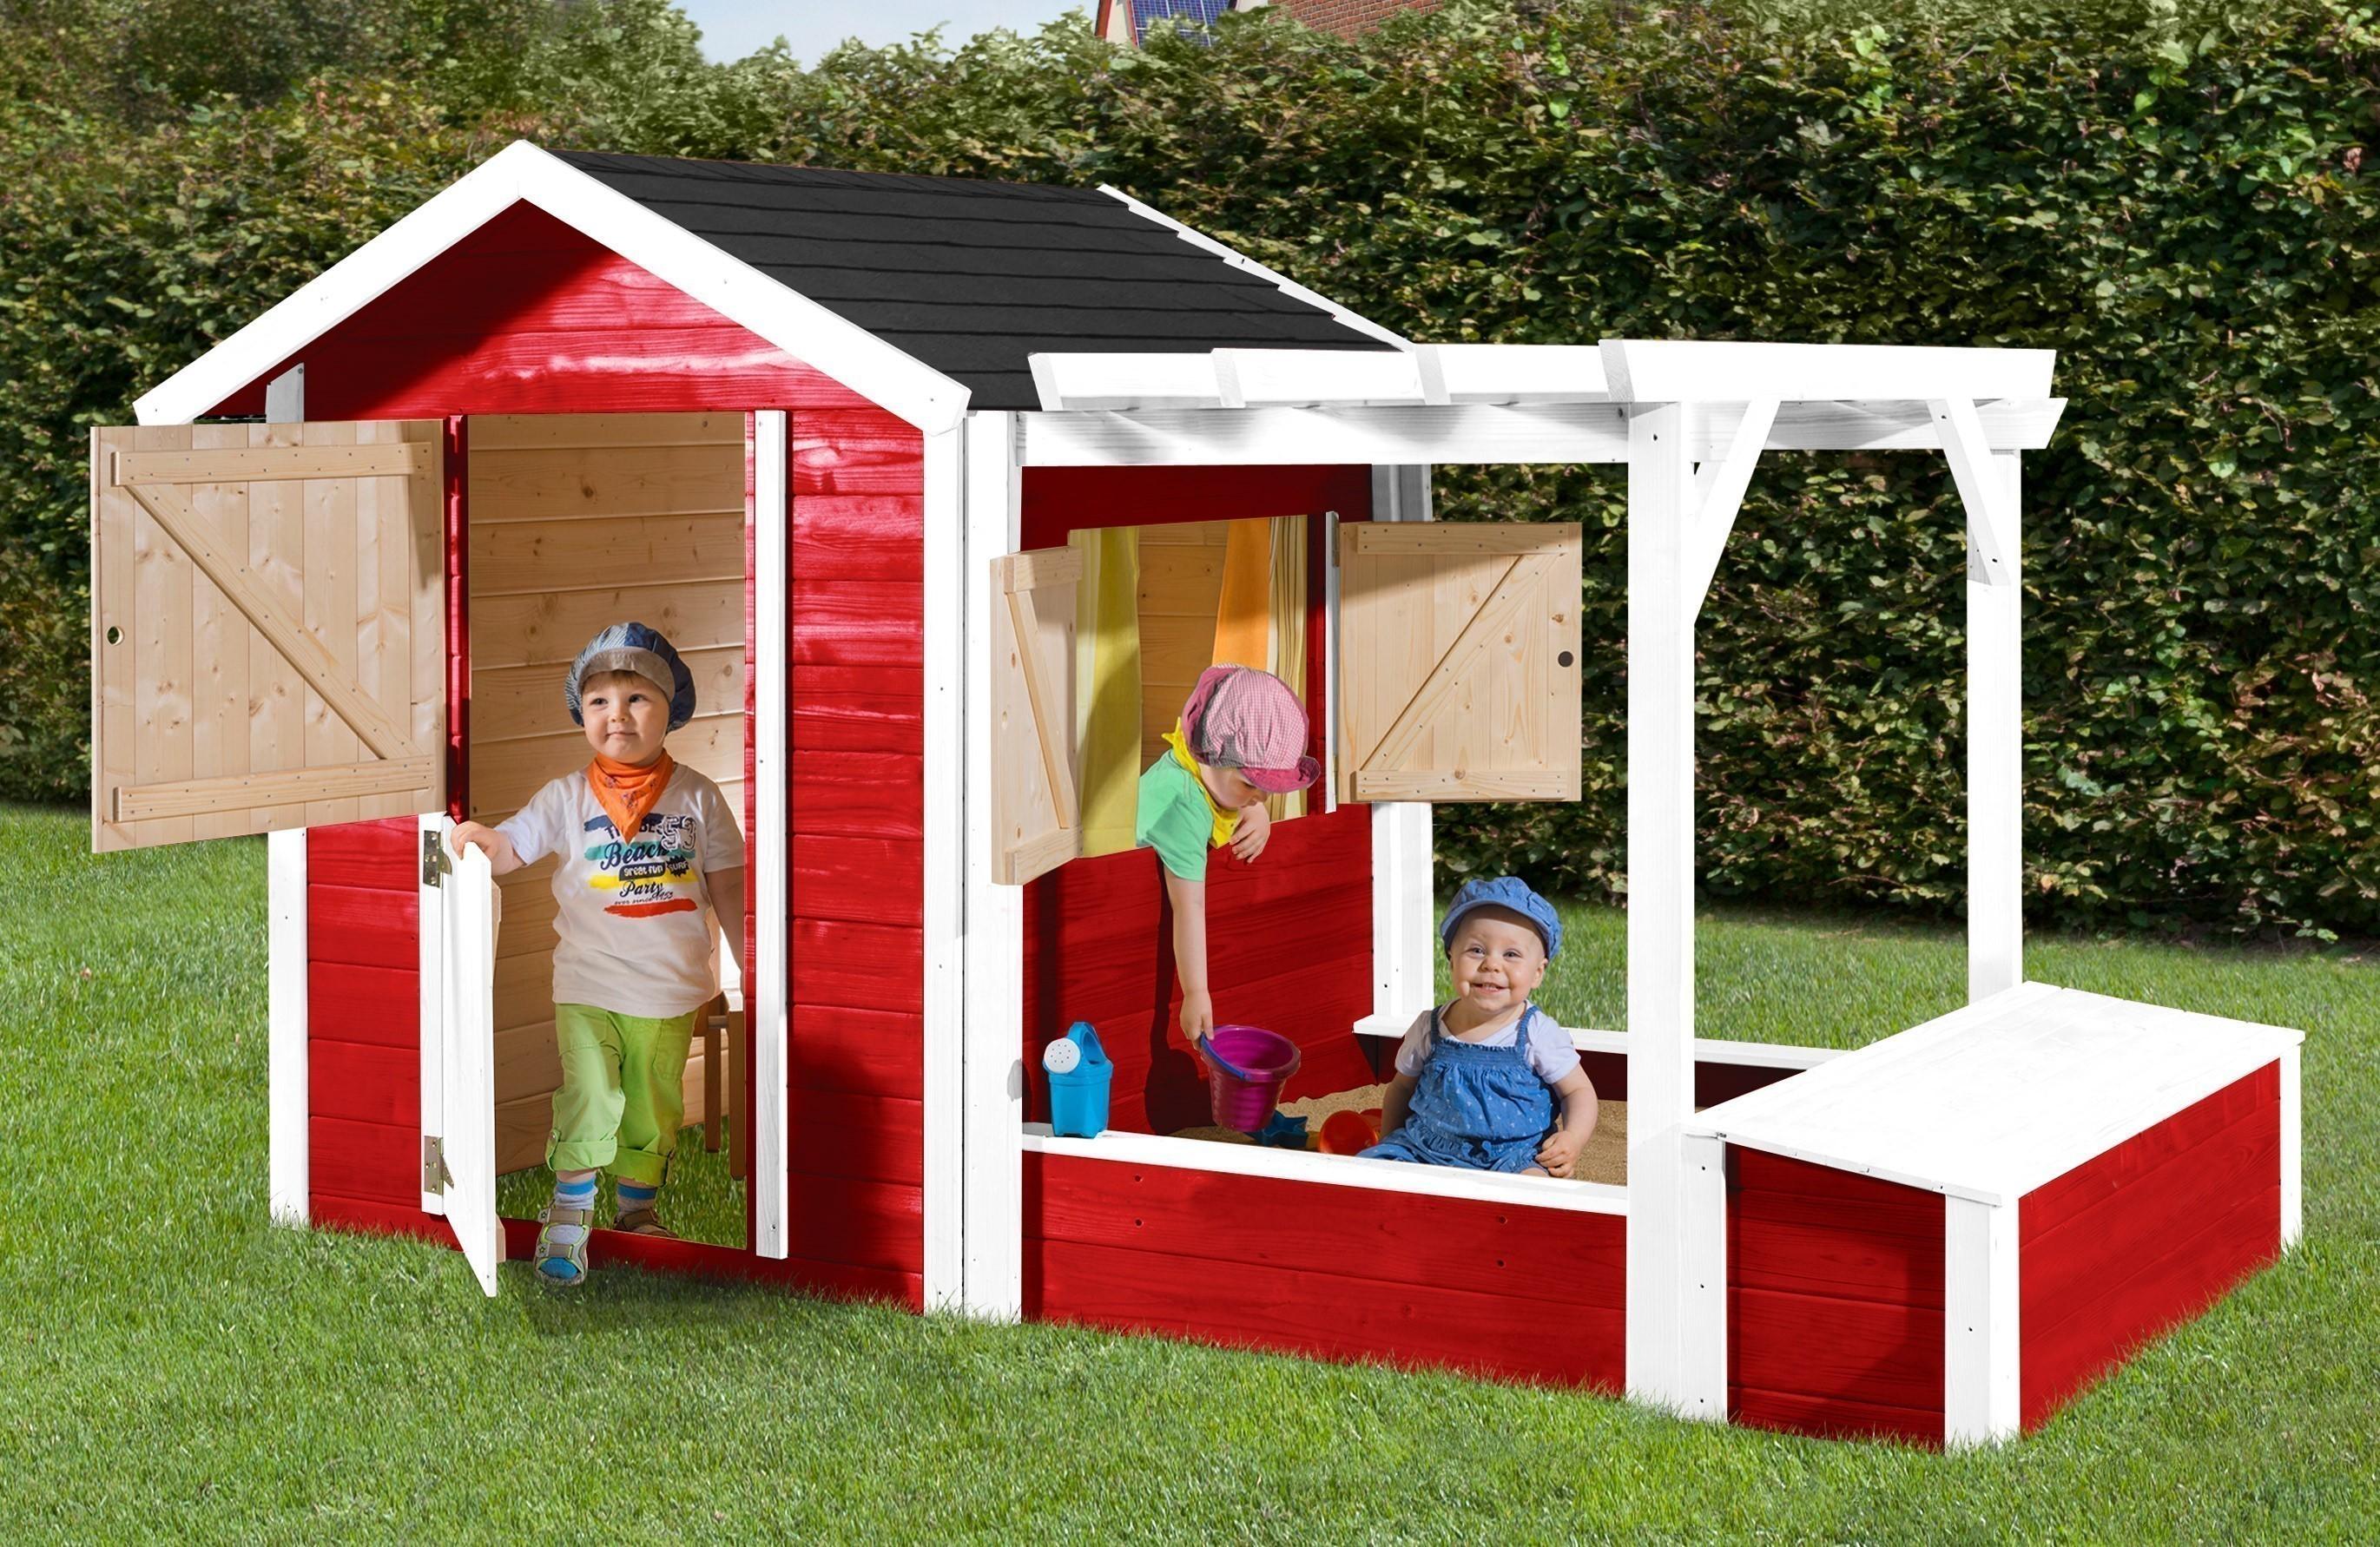 weka kinderspielhaus set mit sandkasten philipp rot wei 284x153cm bei. Black Bedroom Furniture Sets. Home Design Ideas